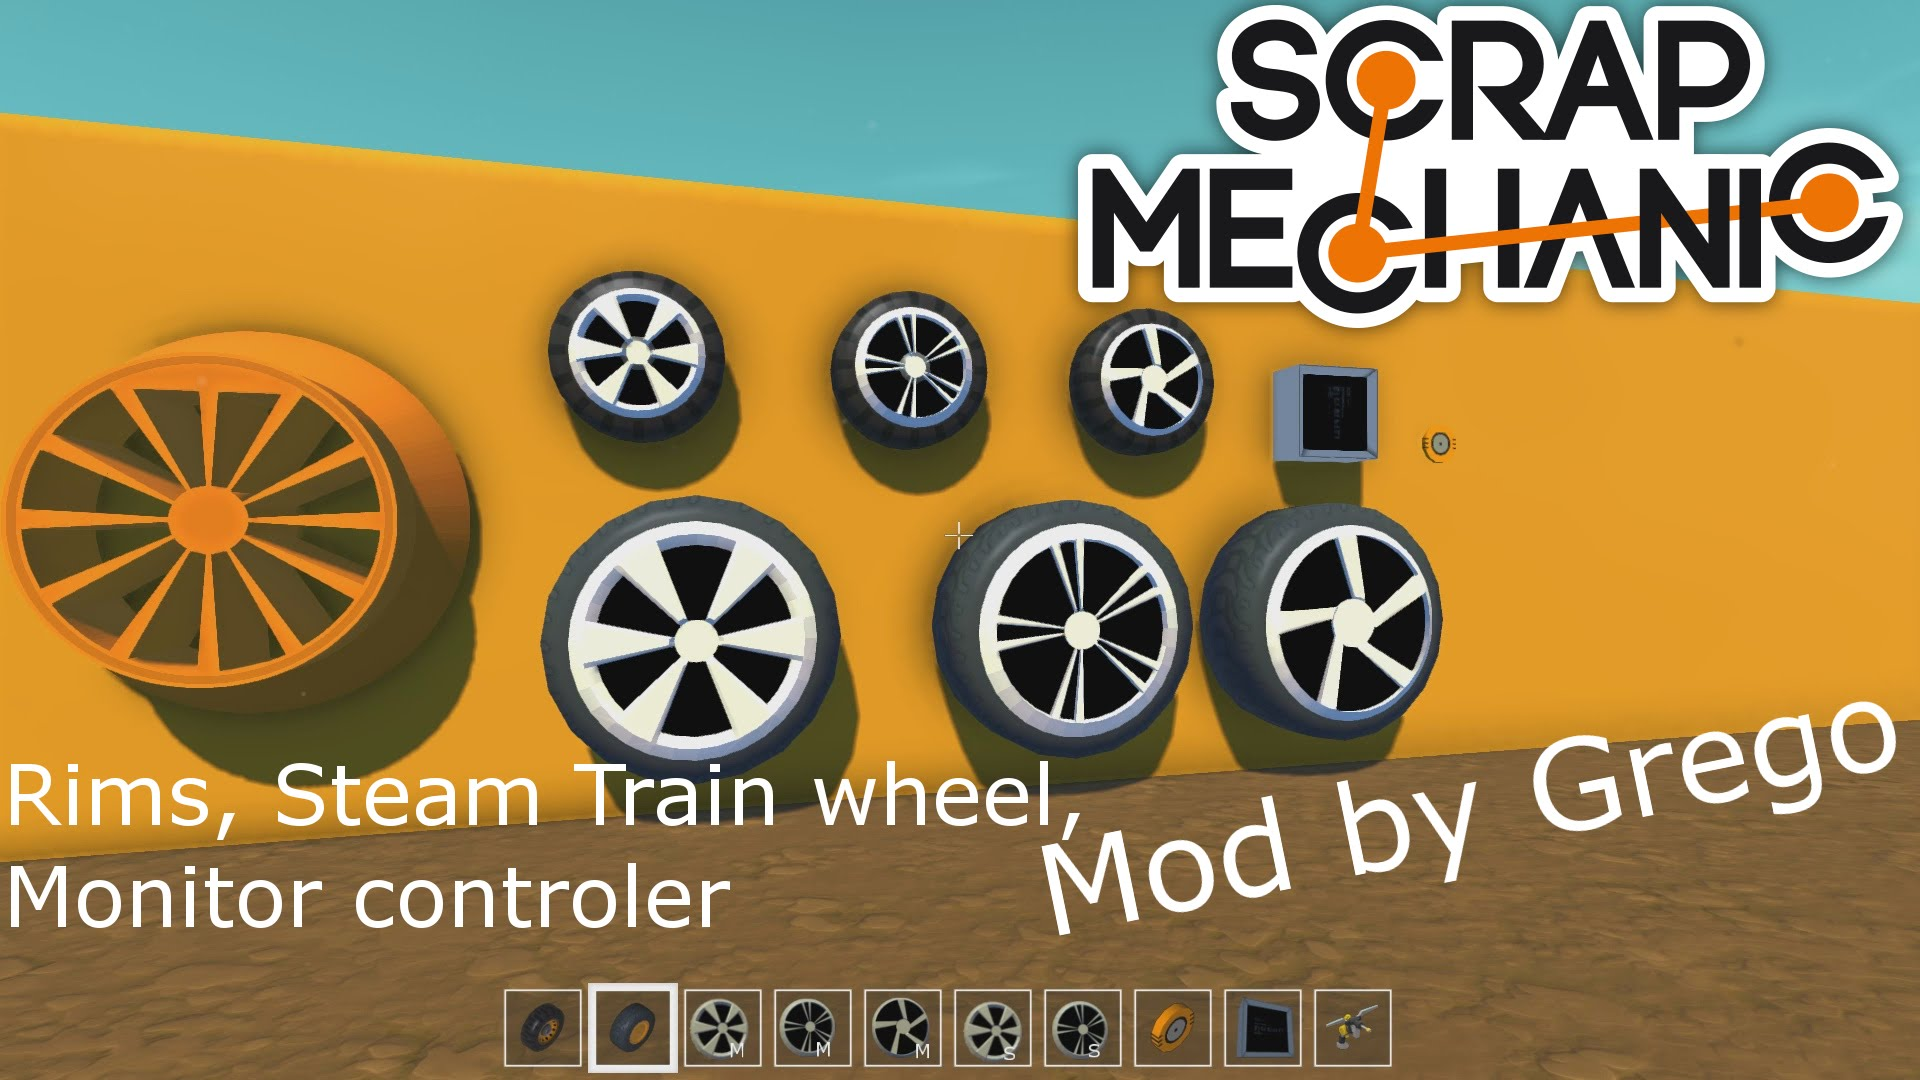 scrap mechanic v0 1.32